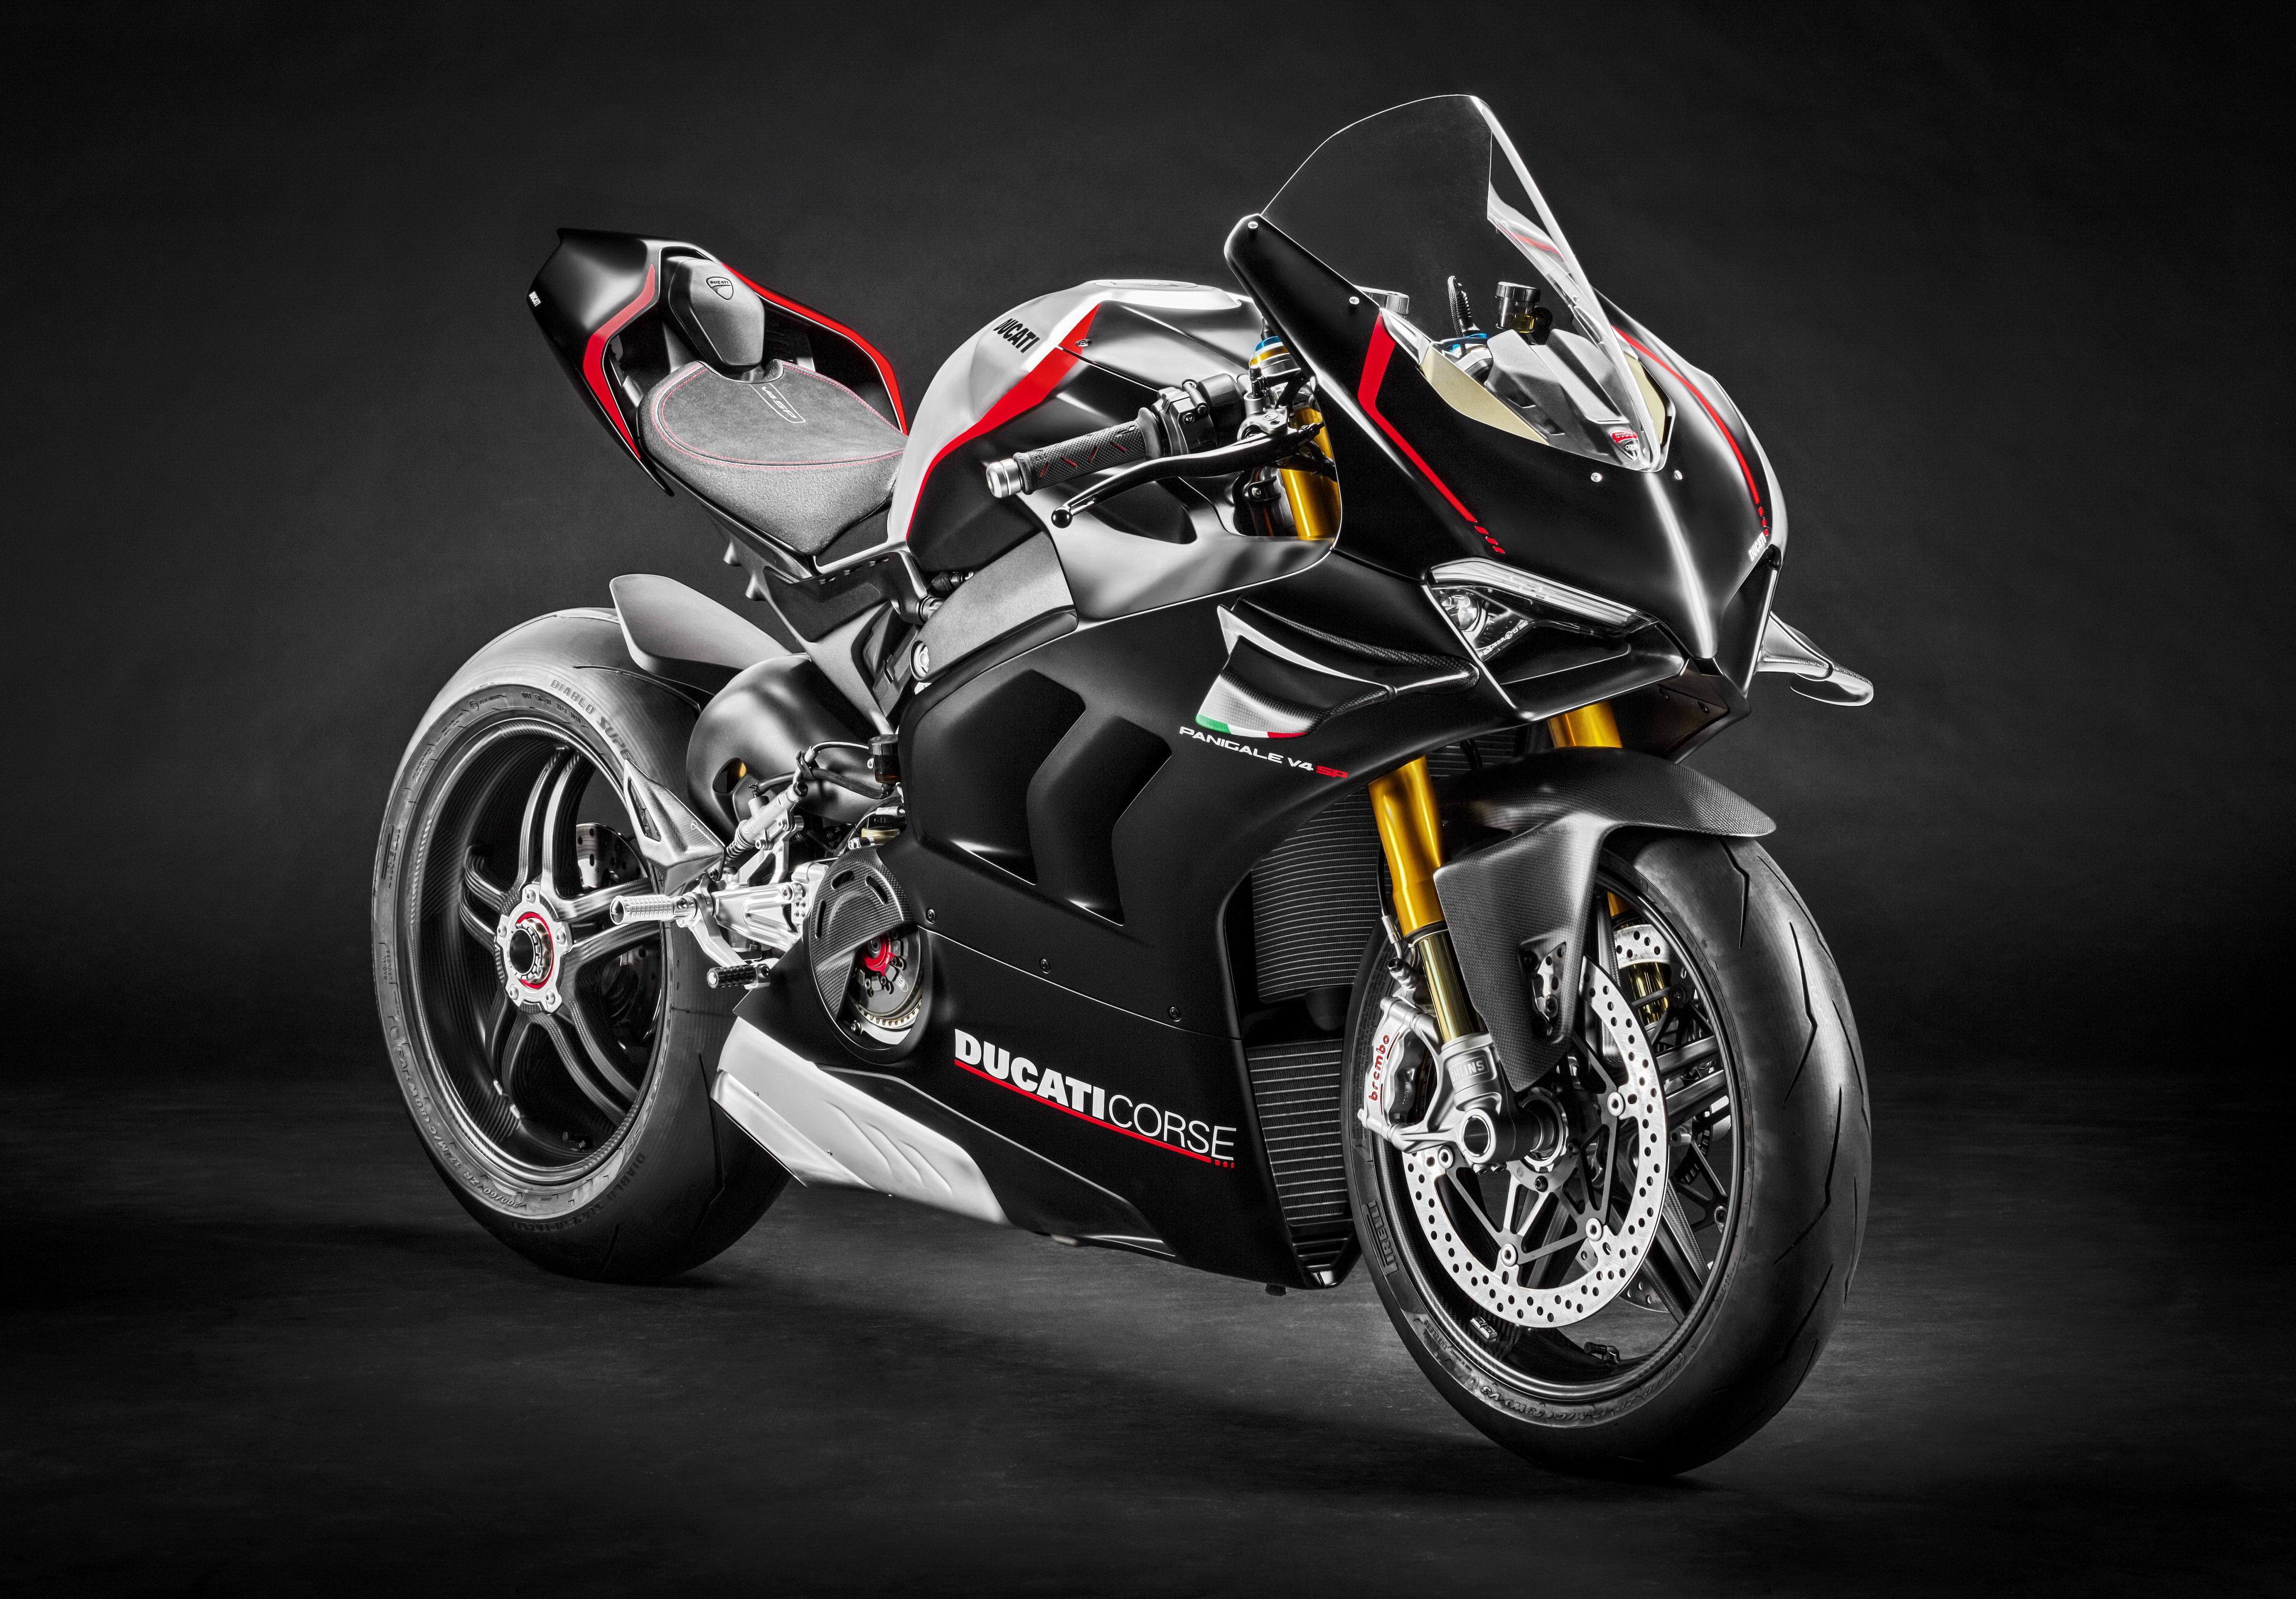 杜卡迪 DucatiPanigale V4杜卡迪 2021 Panigale V4 SP 外�^